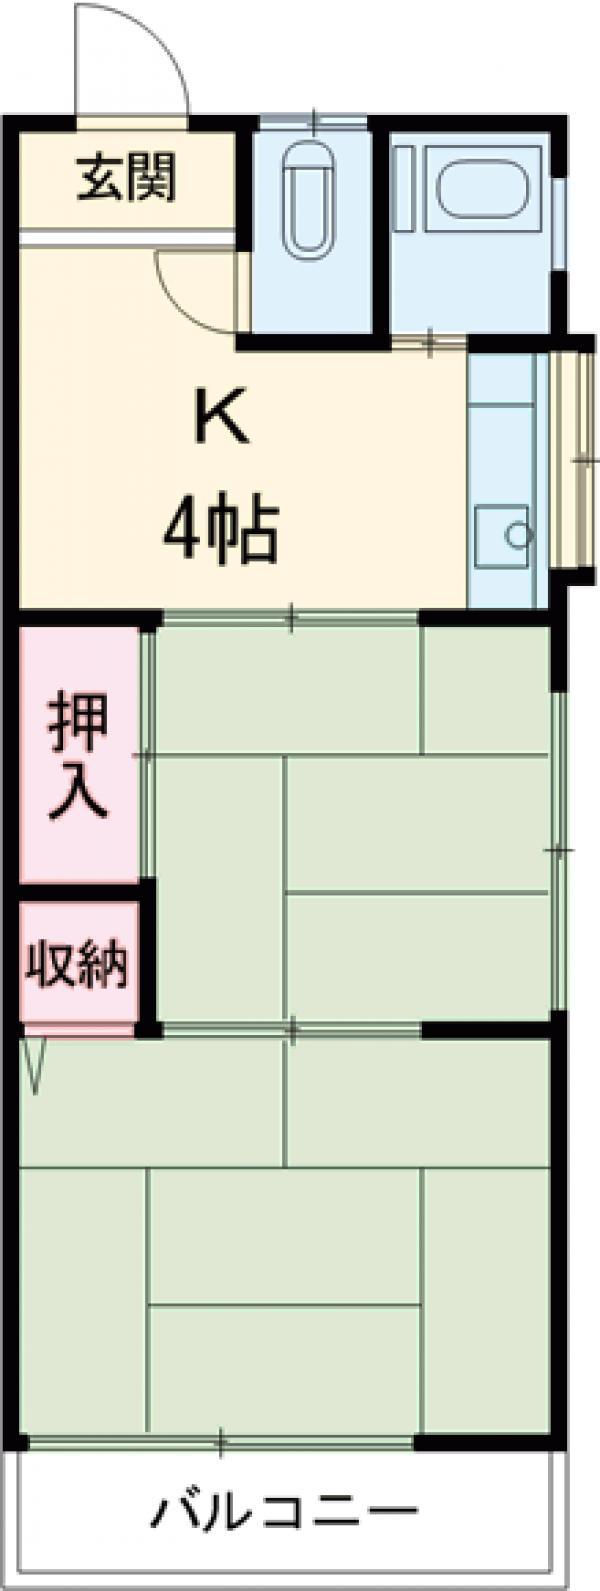 紫山荘 201号室の間取り